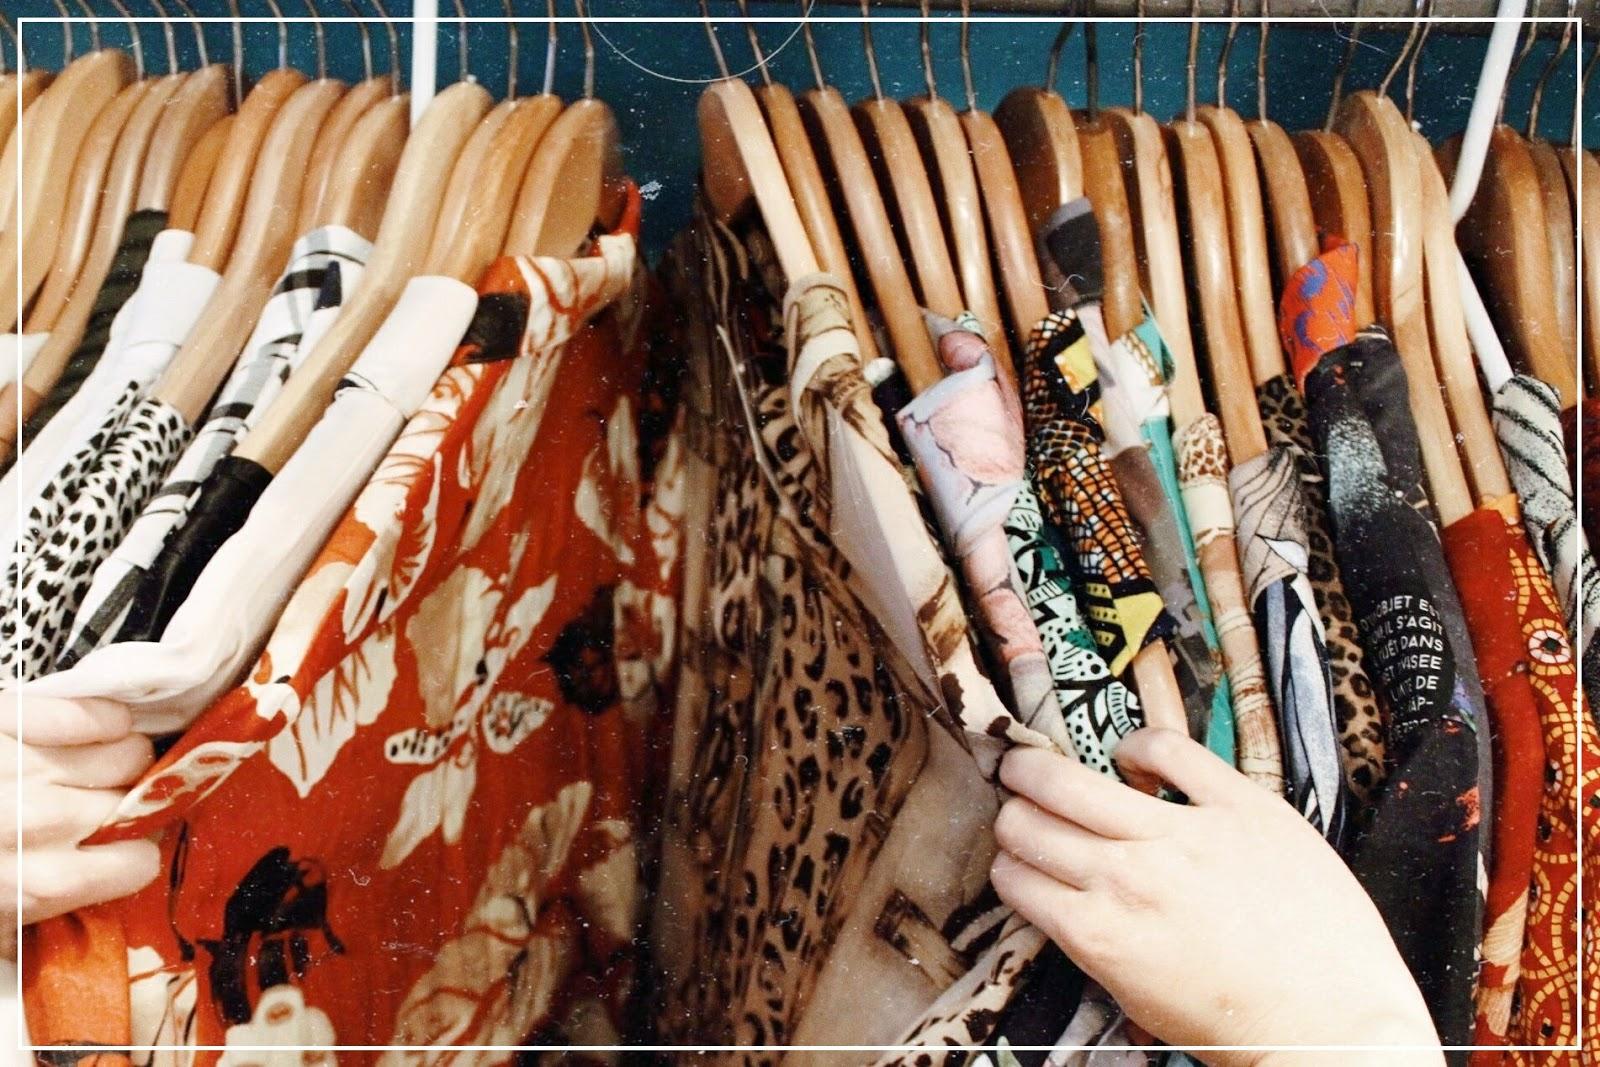 Jak kupować ubrania dobrej jakości. Odpowiedni skład tkaniny to podstawa.